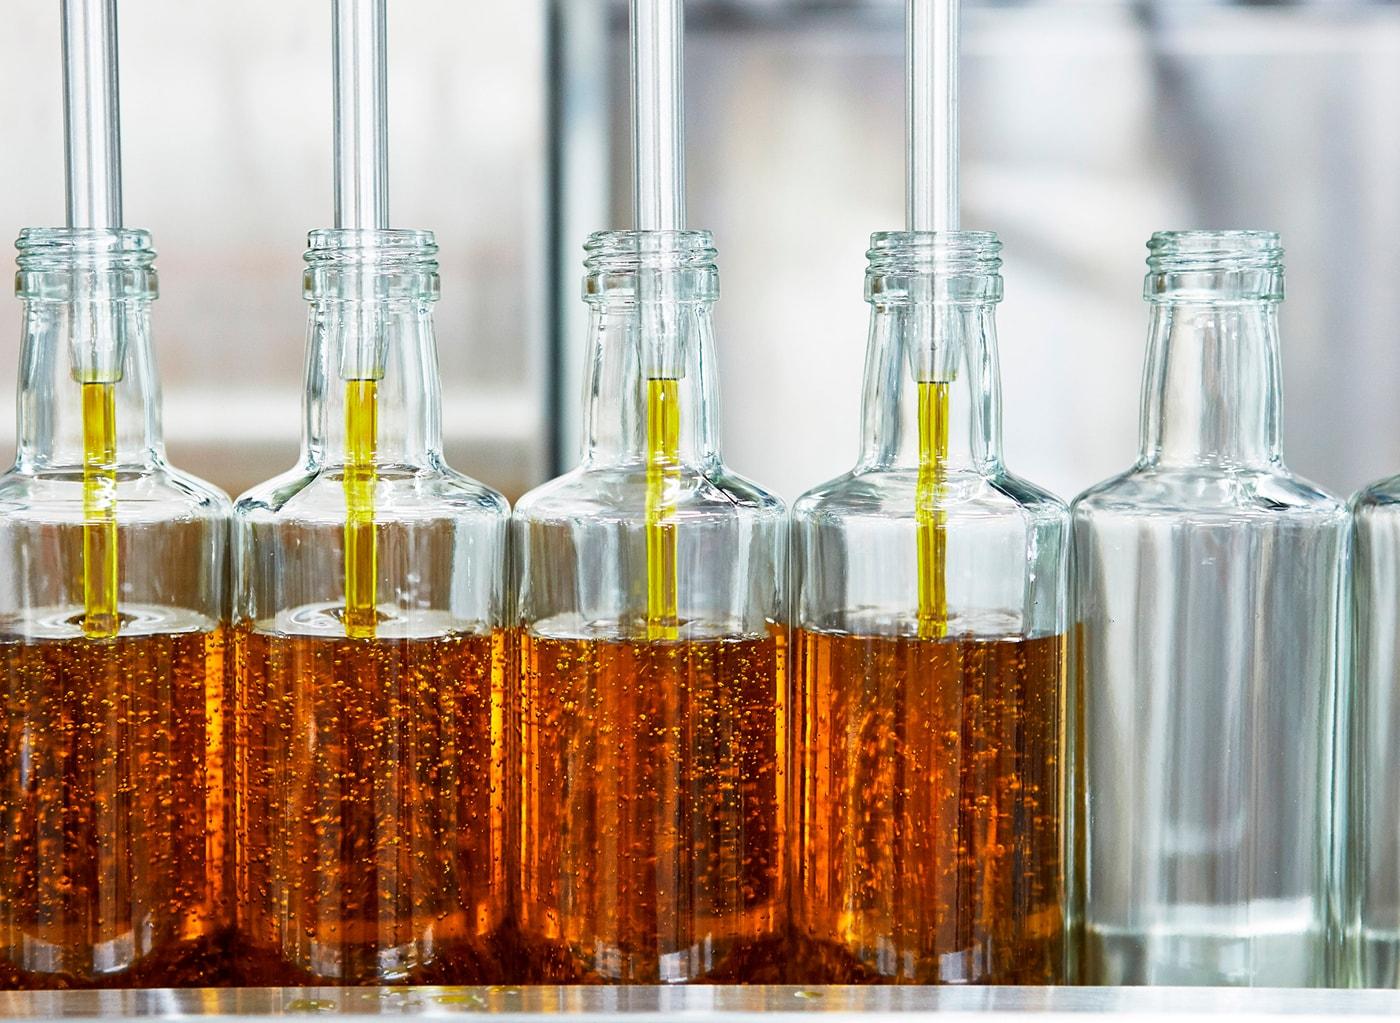 L'extraction des huiles de colza de la série IKEA SMAKRIK s'effectue sans le recours à des produits chimiques.